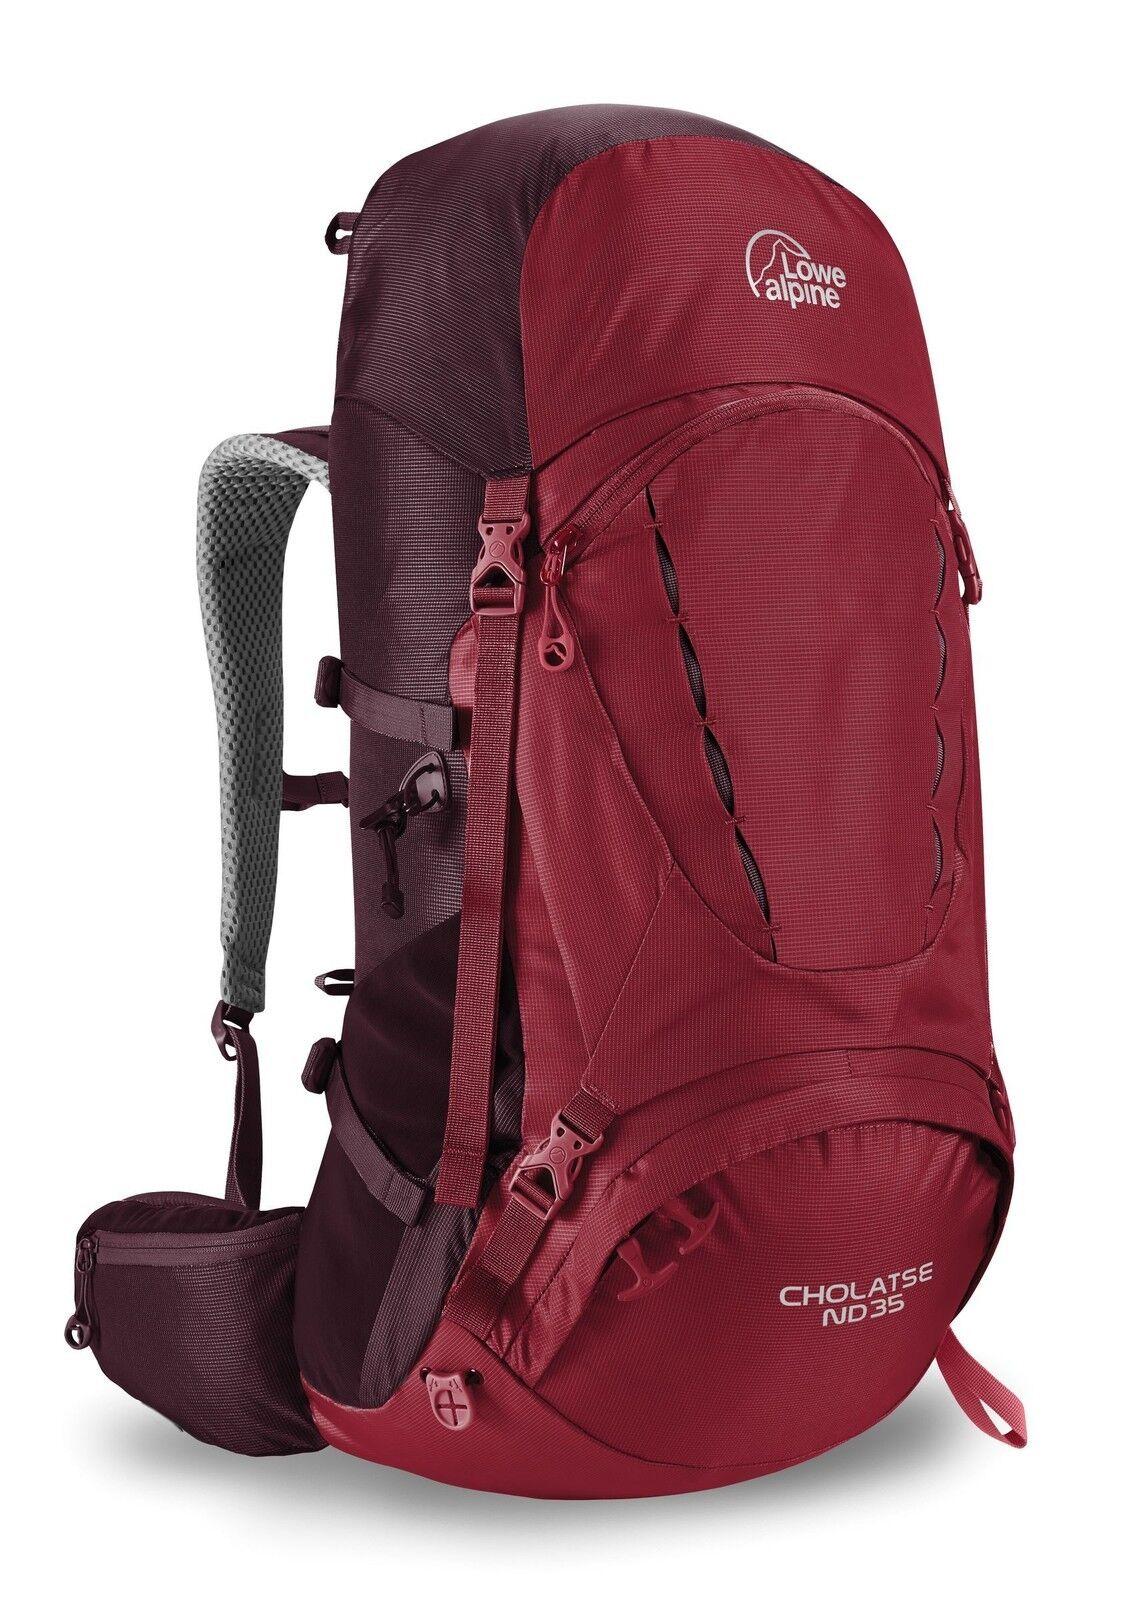 Lowe rosso Alpine Cholatse nd35 escursioni a piedi Zaino Rio rosso Lowe fmp-66-rr-35 3e9a1f